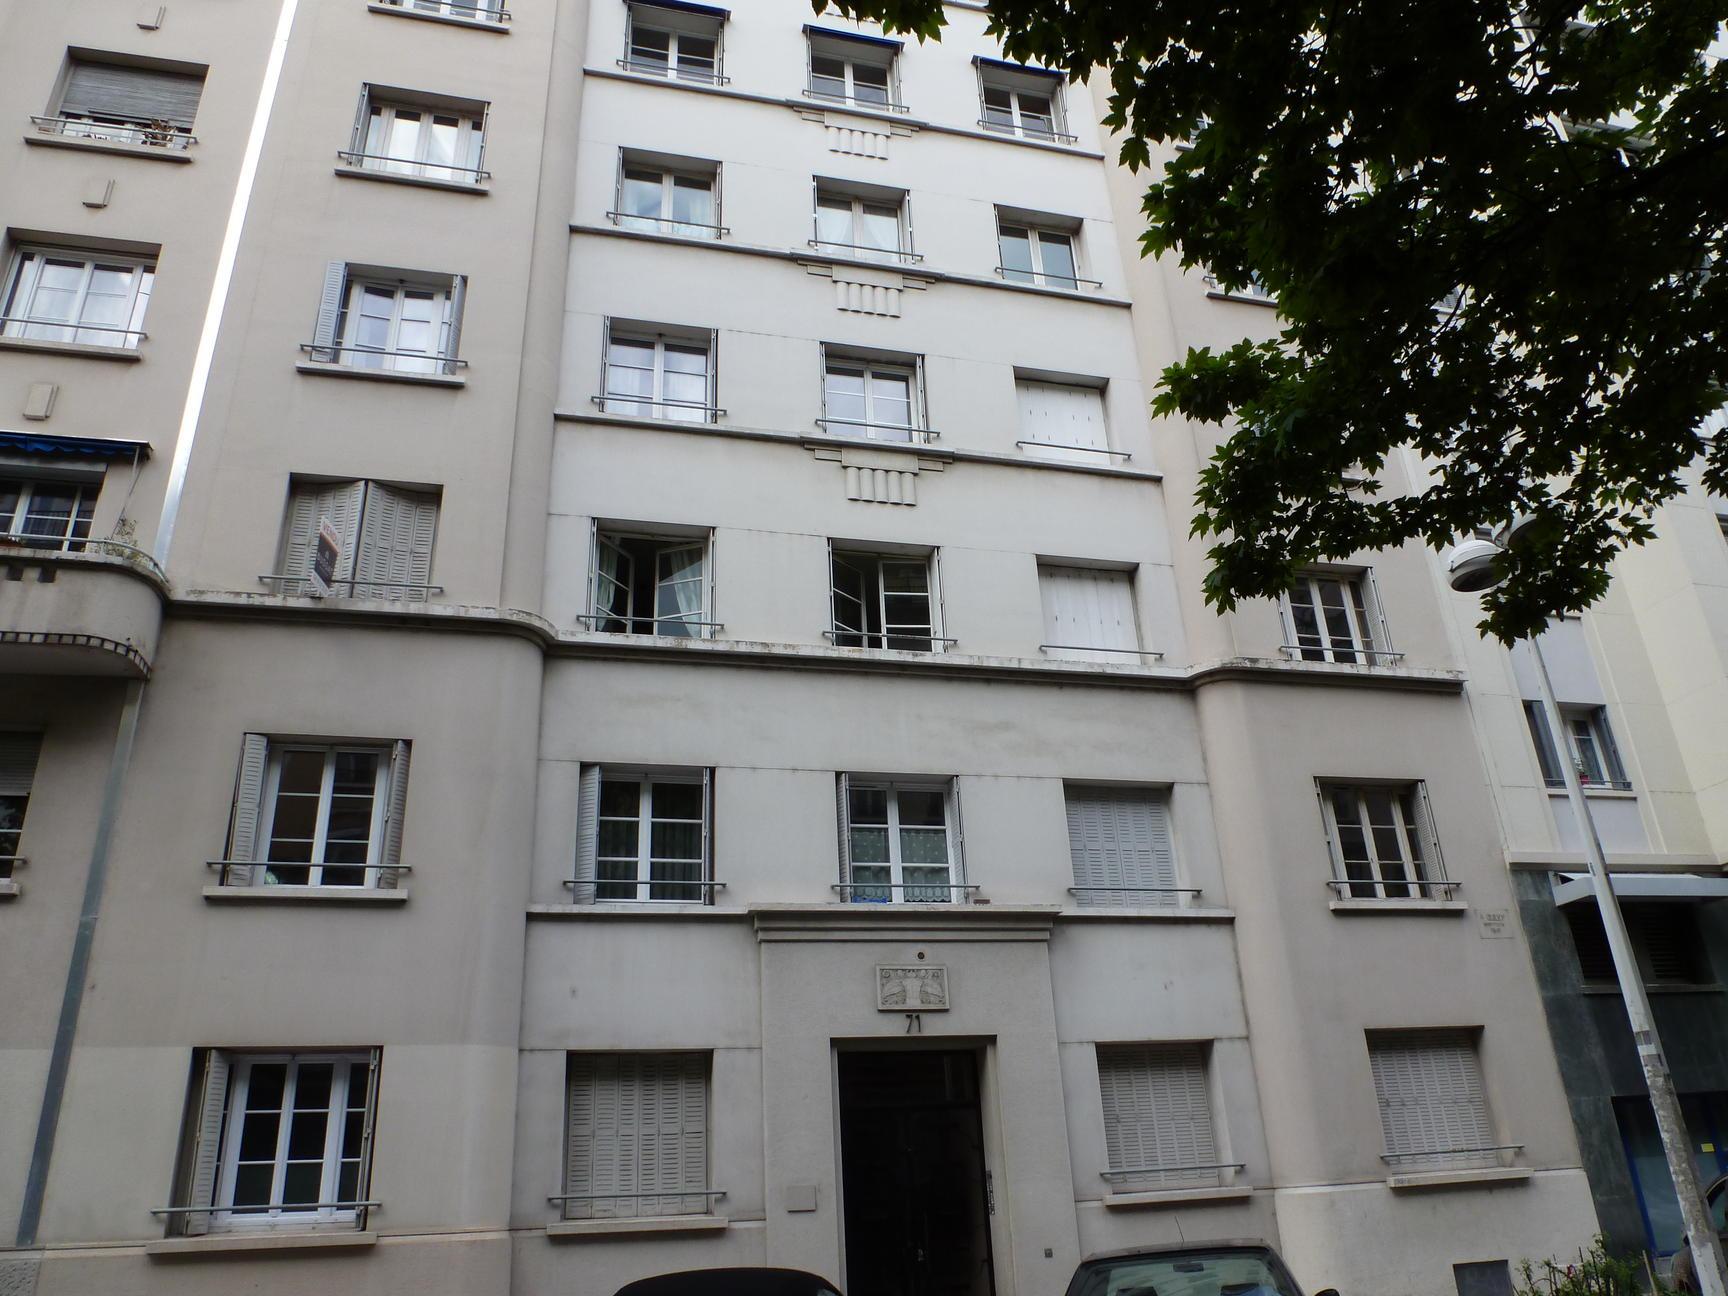 Frederique guillerme agence immobiliere appartement t 3 lyon 7eme arron - Le bon coin achat appartement lyon ...